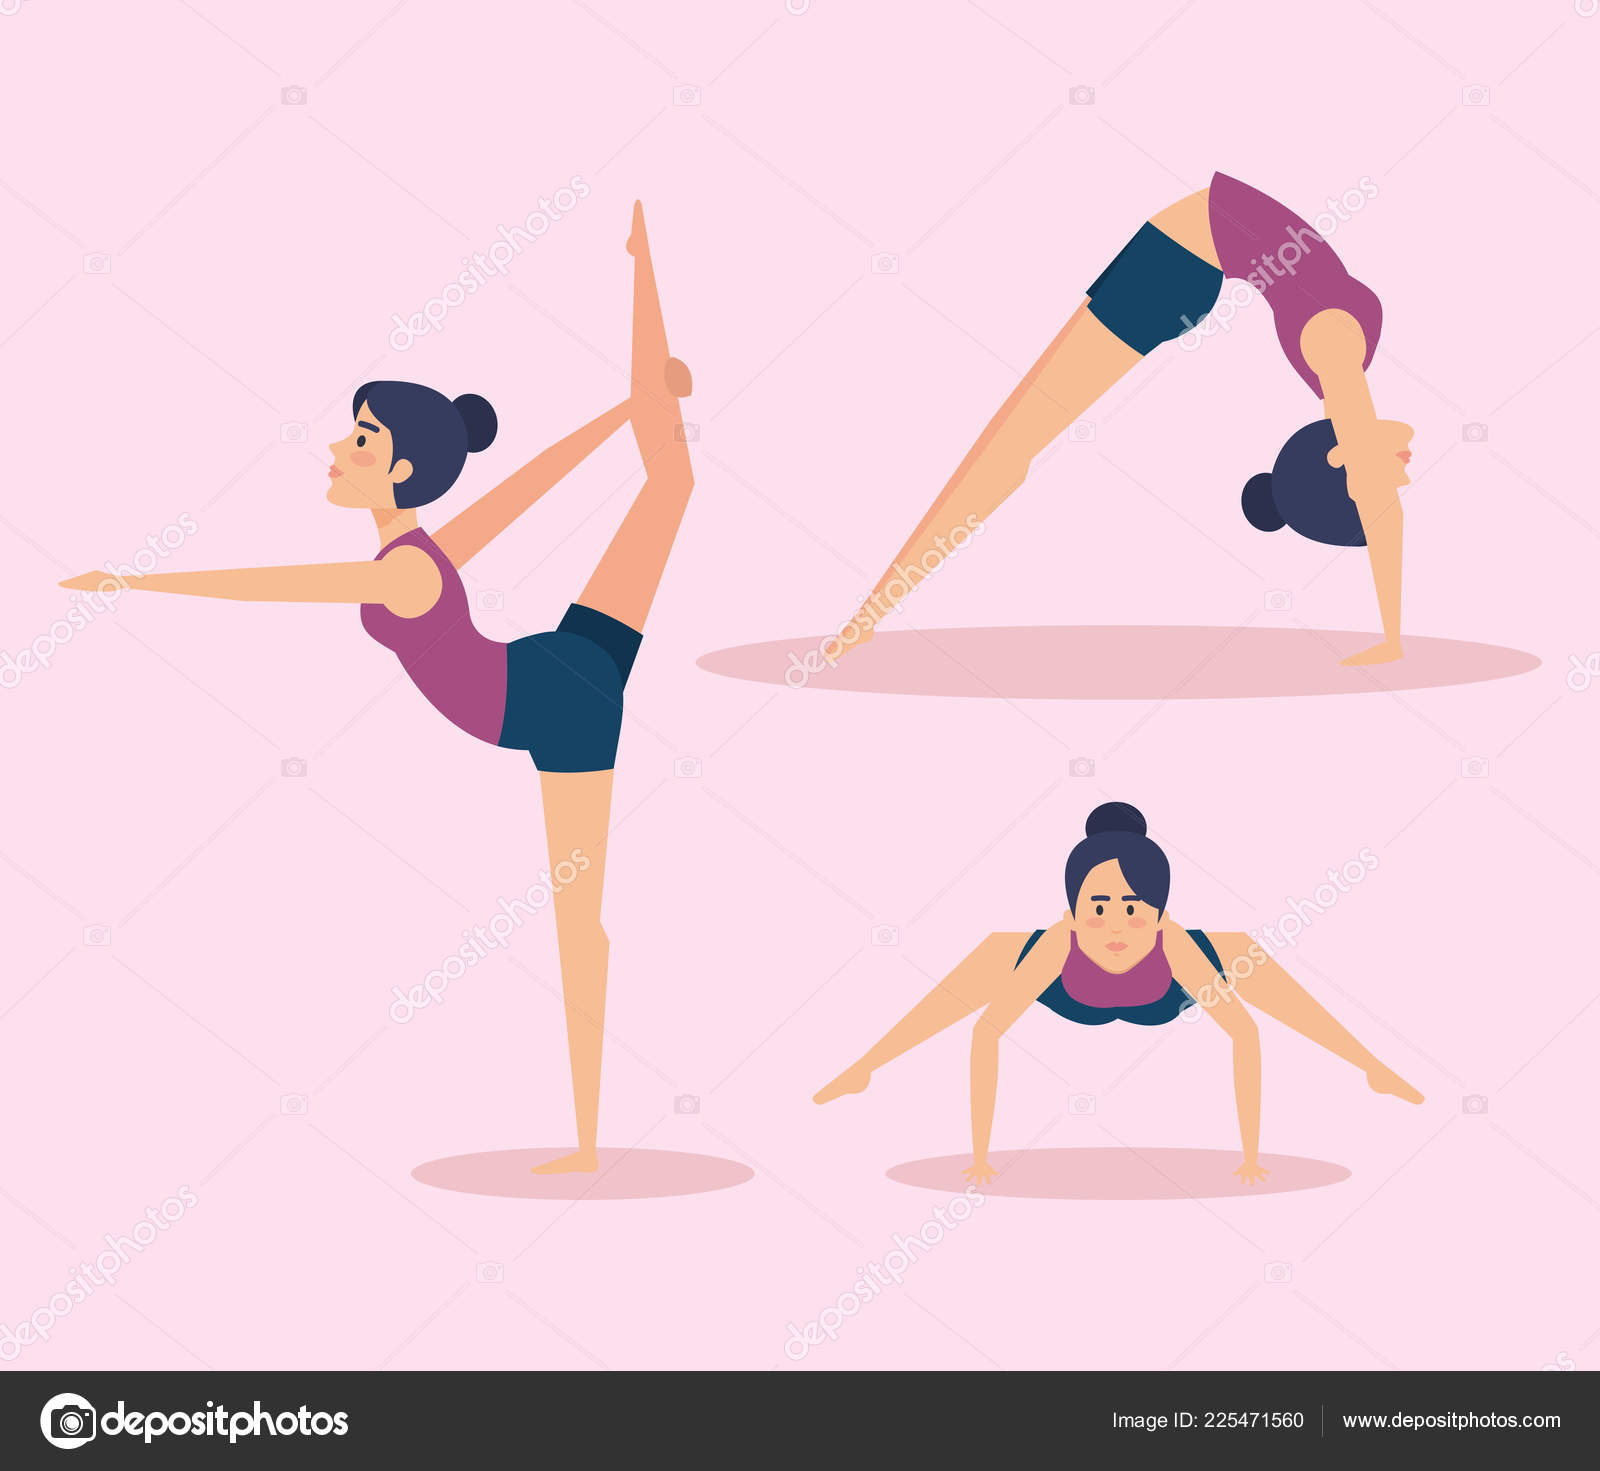 Juego de chicas haciendo diseño de yoga — Archivo Imágenes Vectoriales